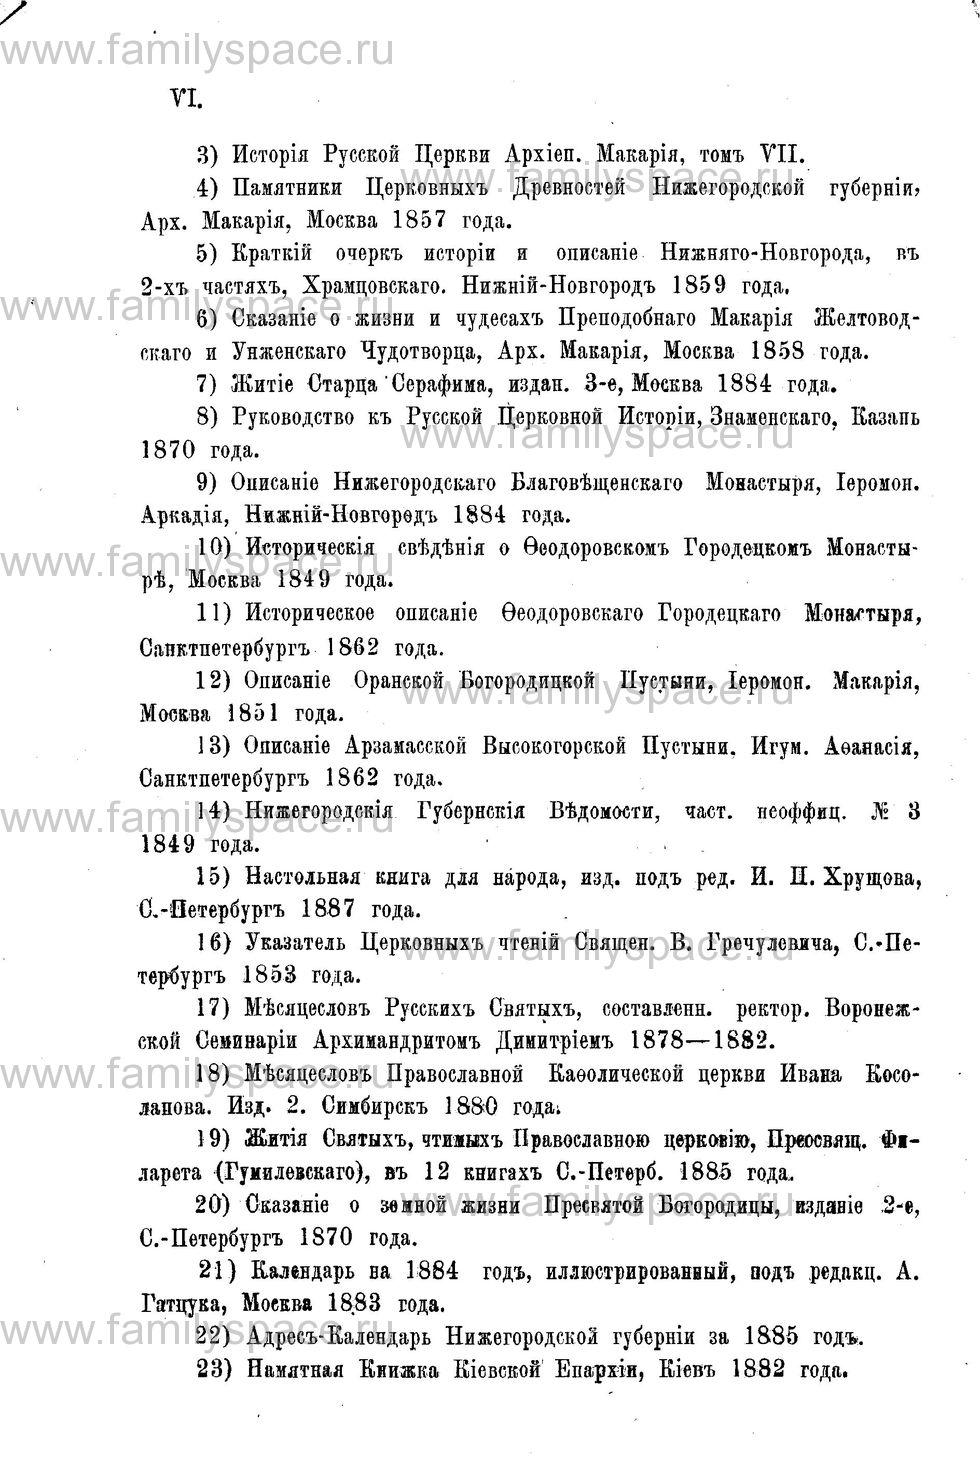 Поиск по фамилии - Адрес-календарь Нижегородской епархии на 1888 год, страница 6